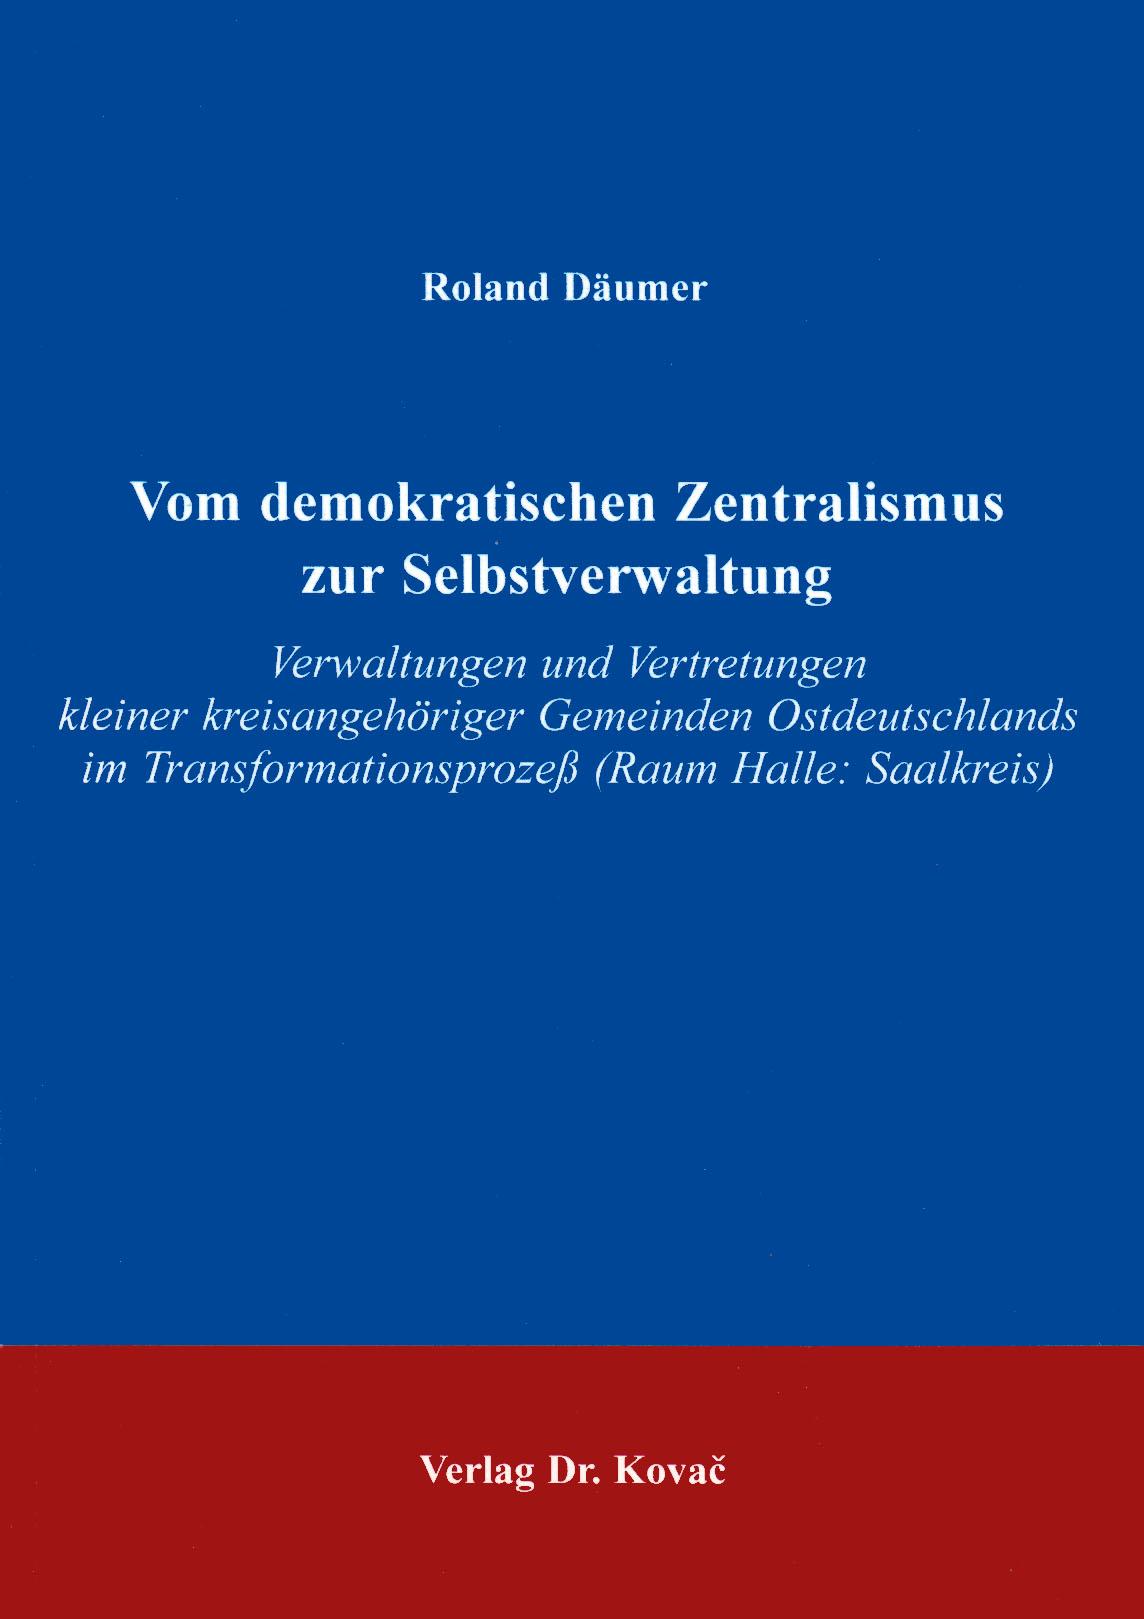 Cover: Vom demokratischen Zentralismus zur Selbstverwaltung